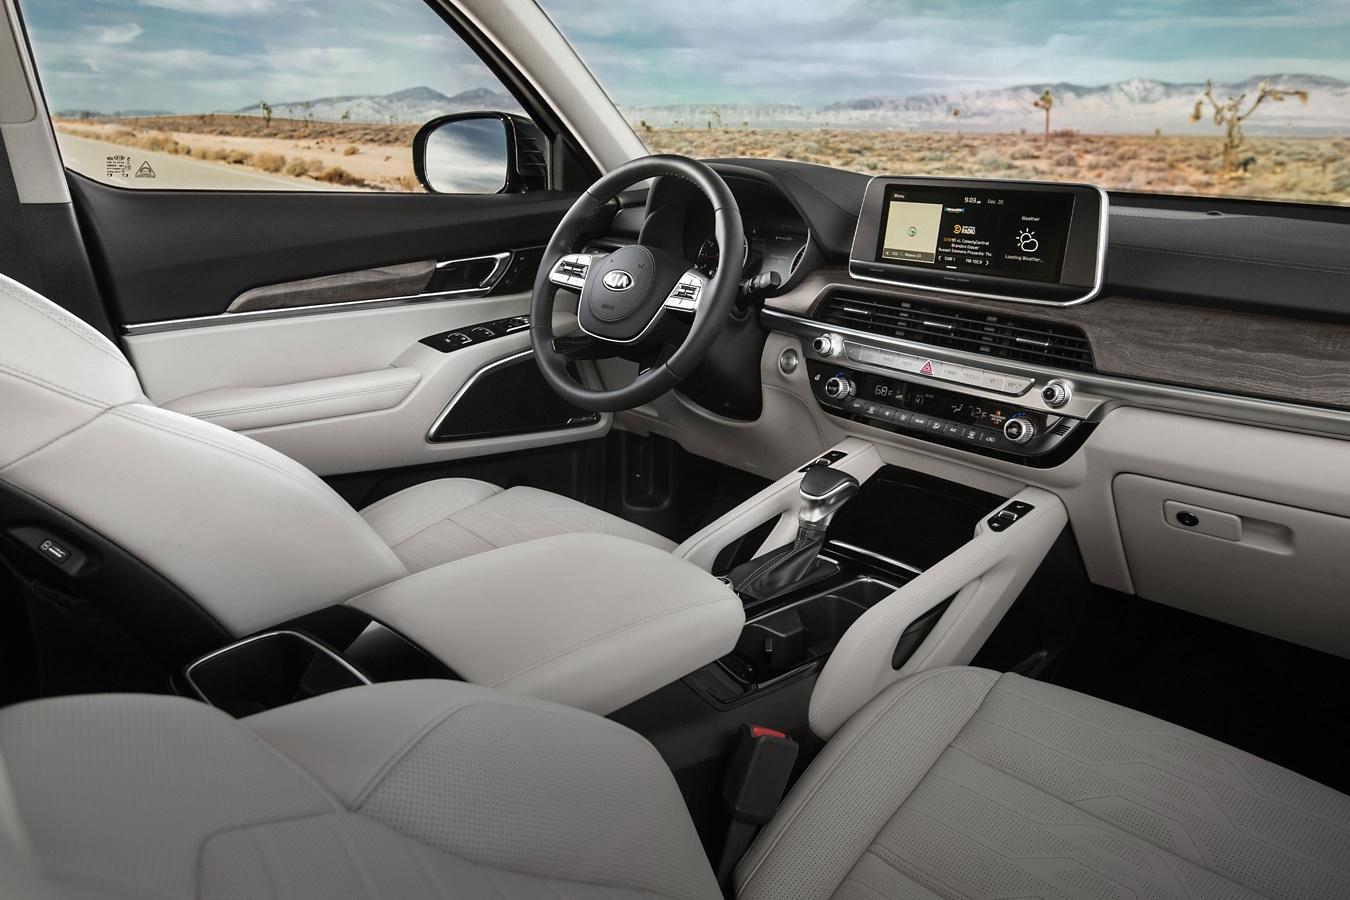 La Kia Telluride 2020 cuenta con una variedad de funciones de tecnología disponibles